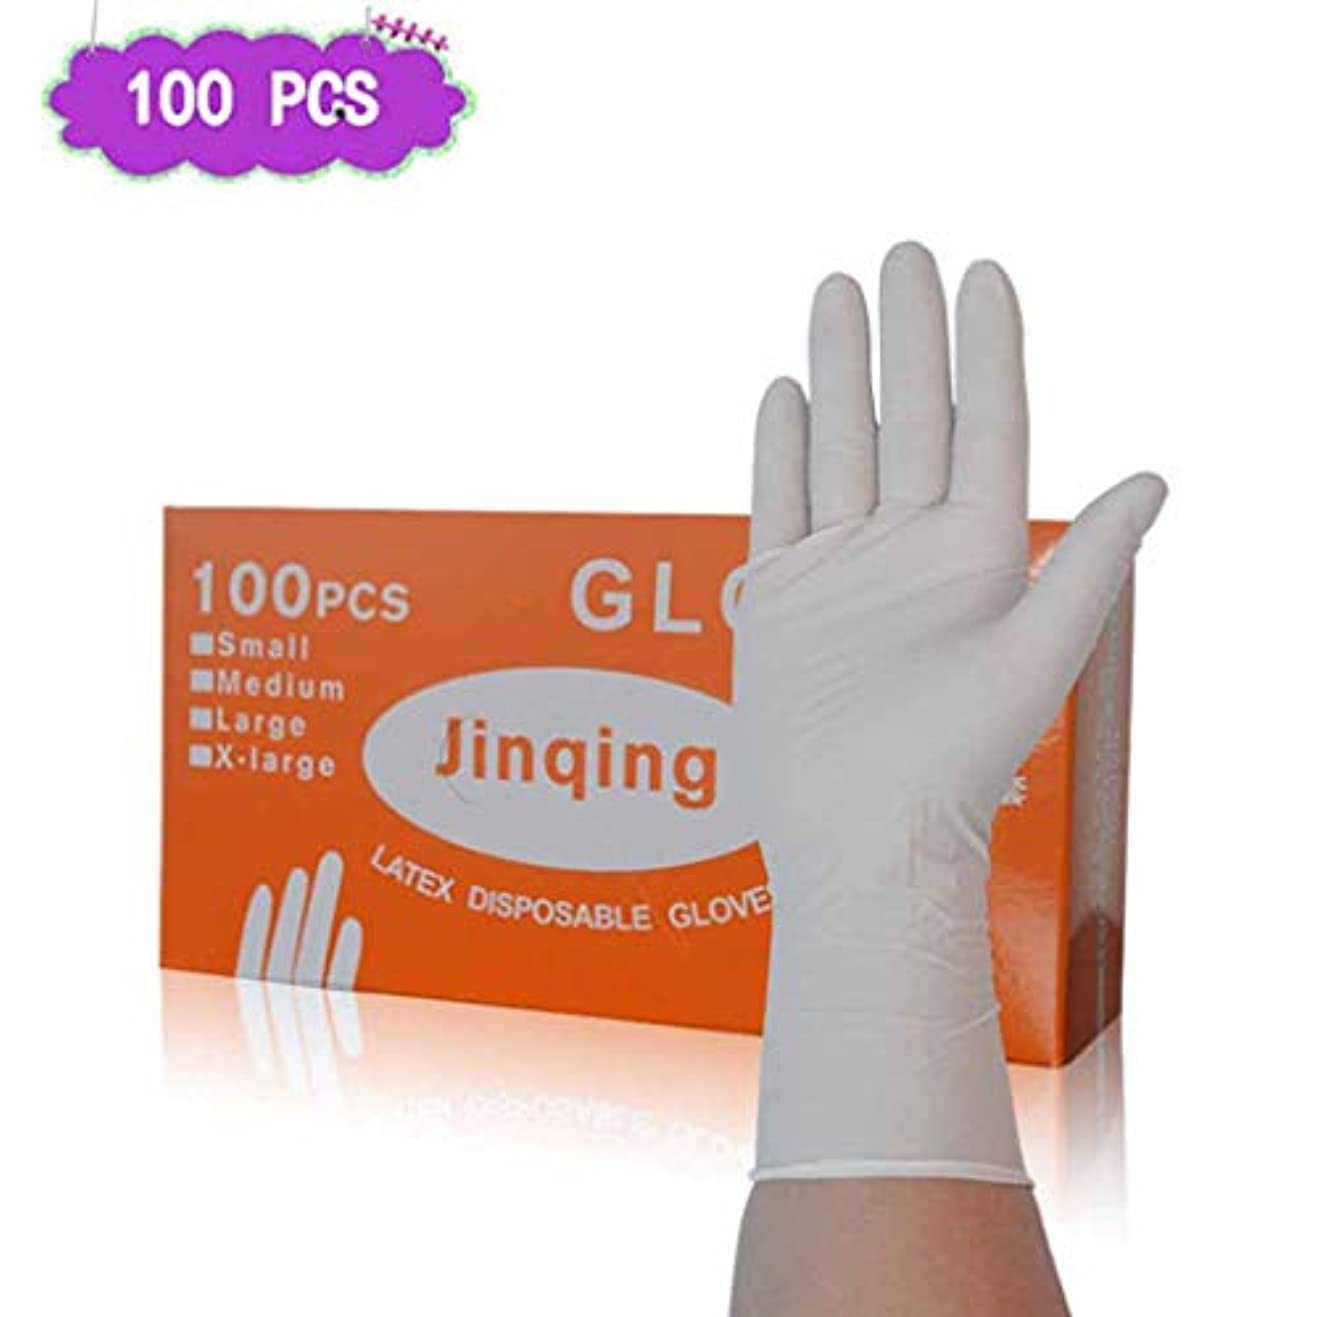 メッセンジャー待って柔らかい足ニトリルグローブ12インチの長い厚い白い食品グレードラテックステストゴム、非滅菌、デューティ試験手袋|病院、法執行機関、食品ベンダー向けのプロフェッショナルグレード (Size : M)